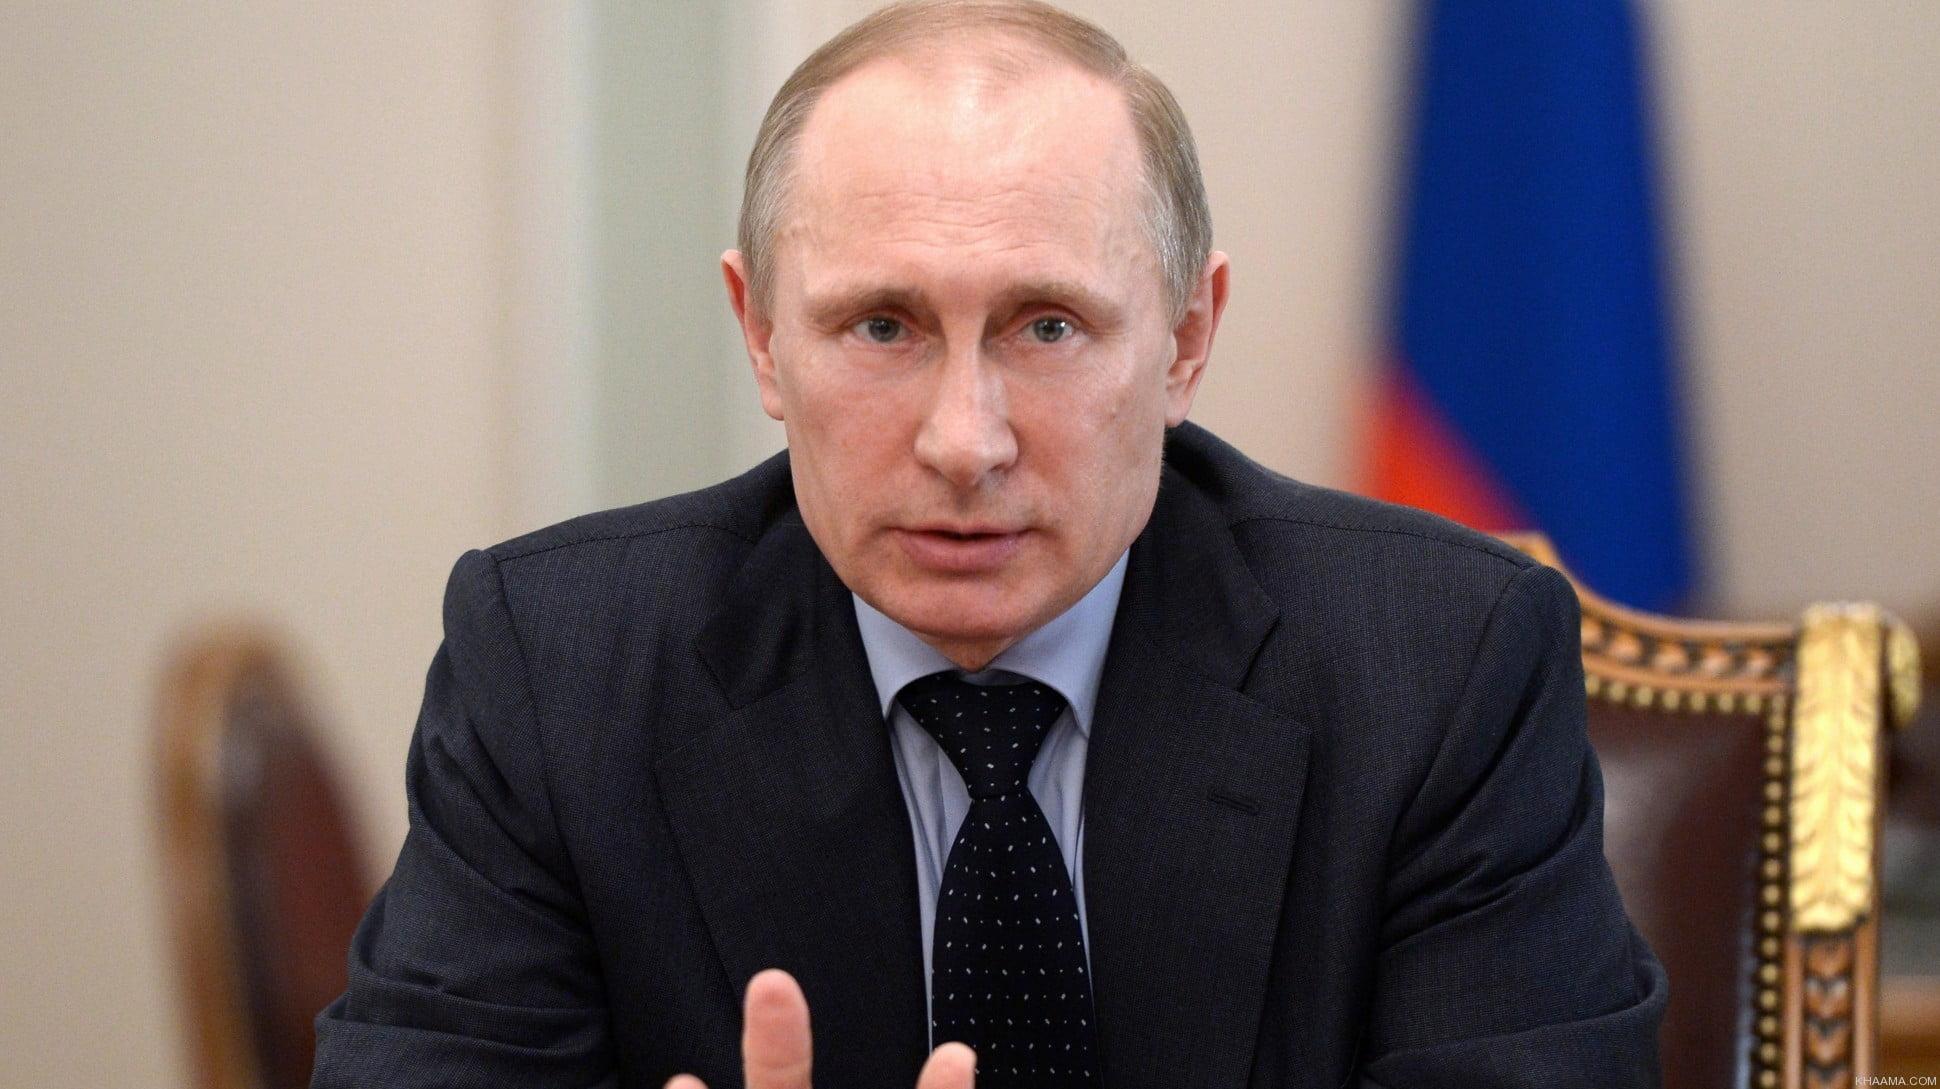 پوتین 1 - پیروزی بزرگ رییس جمهور روسیه در مقابل ناتو